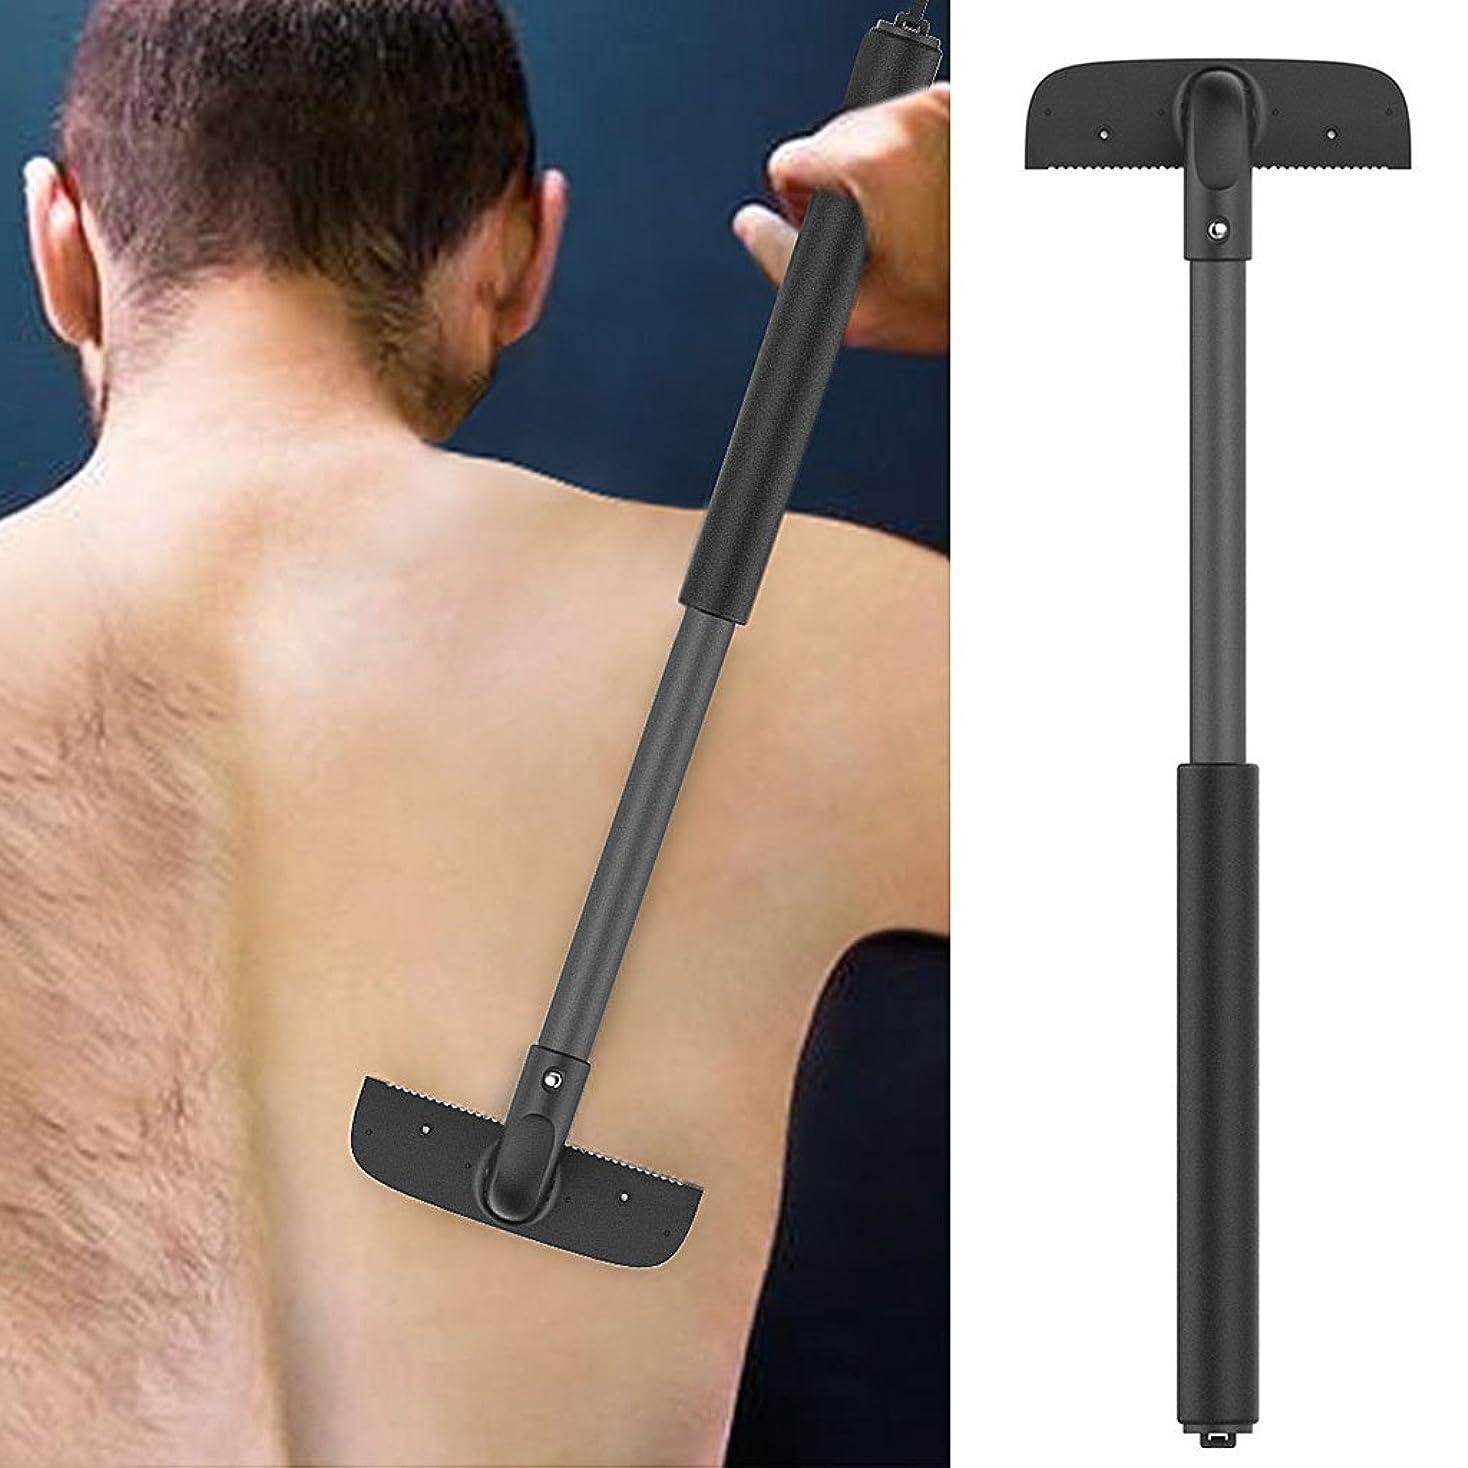 豆腐健康的警察Chunse バックヘアとボディシェーバー、バック脱毛、ボディシェーバー、男性のための剃刀、調節可能なハンドル、伸縮可能なトリマー剃刀セルフグロマーツール